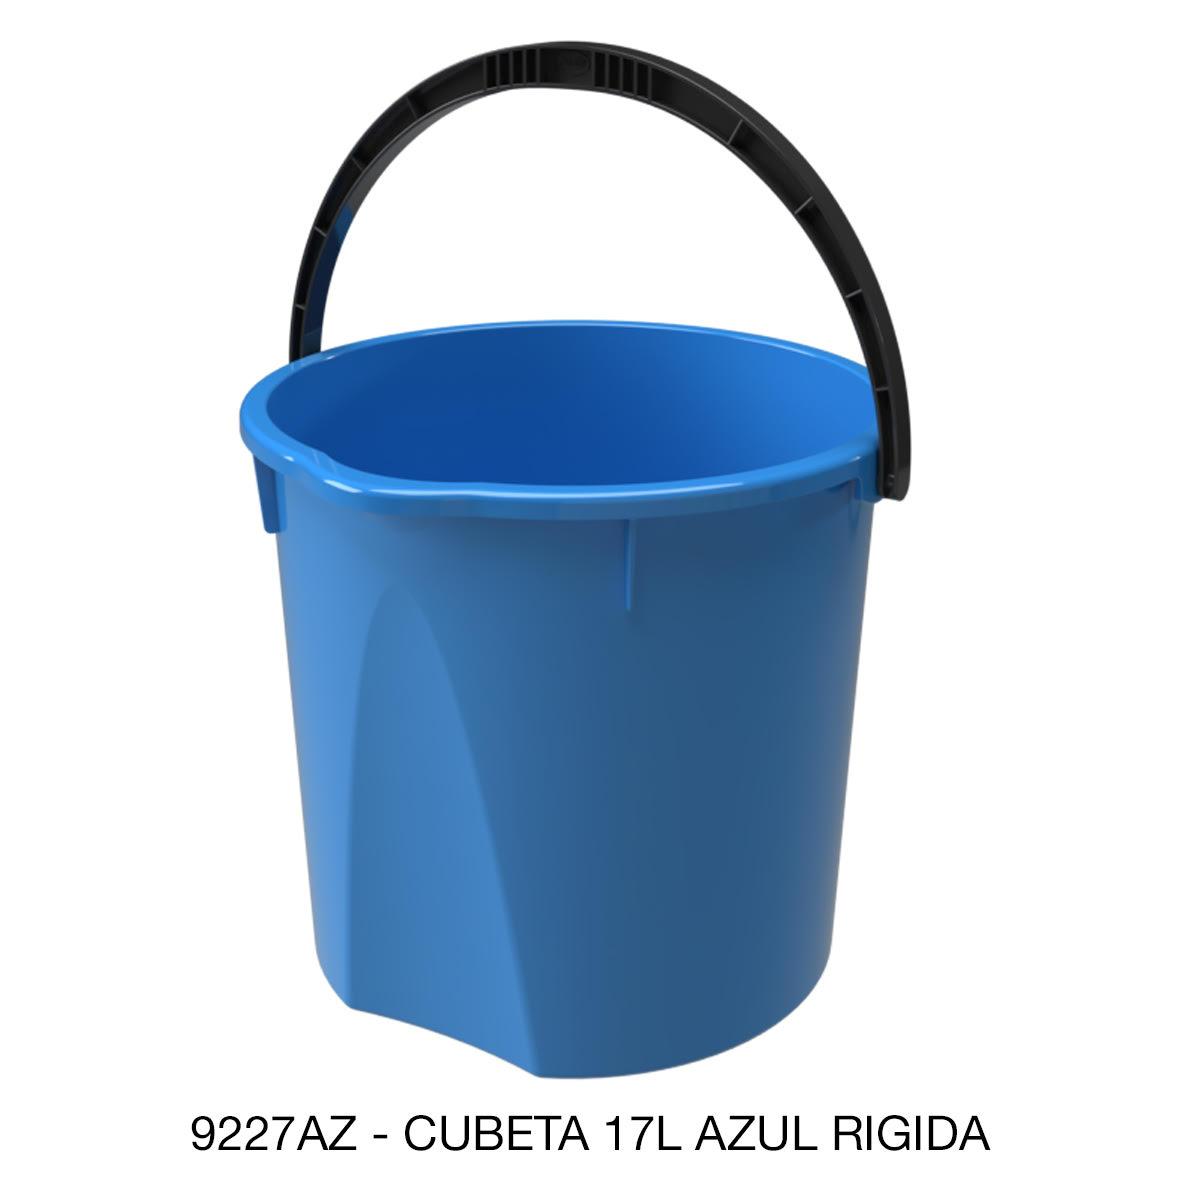 Cubeta resistente de 17 litros rígida color azul modelo 9227AZ de Sablón